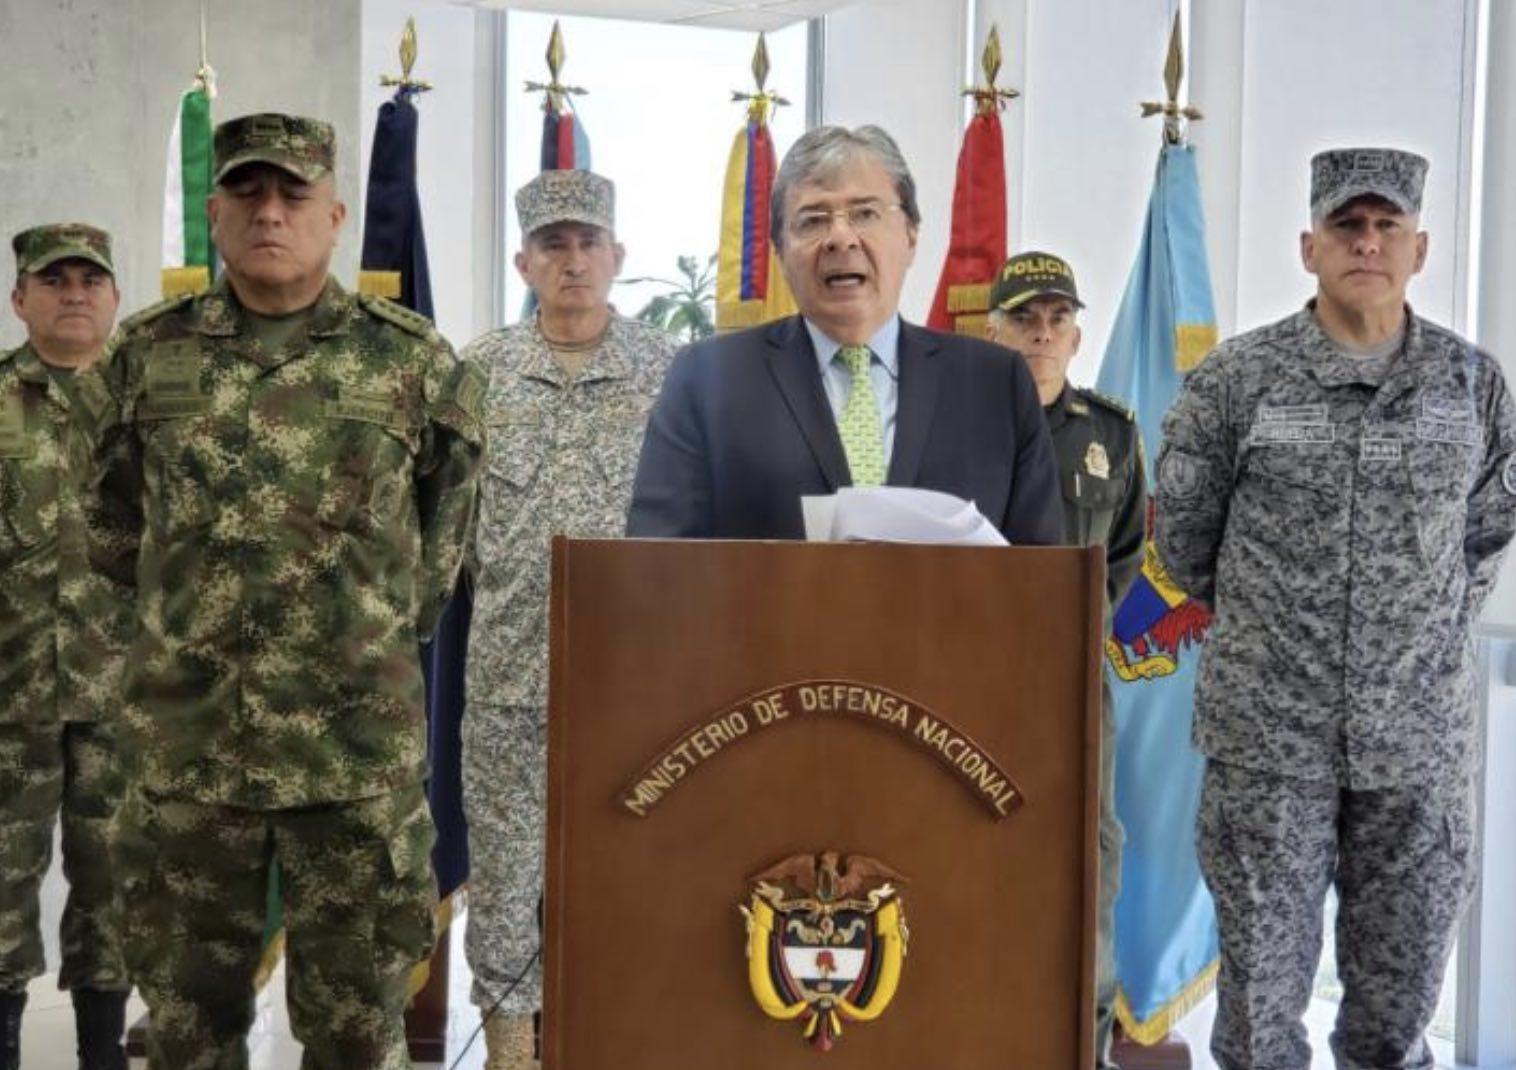 Fuerzas Armadas, Colombia, Ministerio de Defensa de Colombia